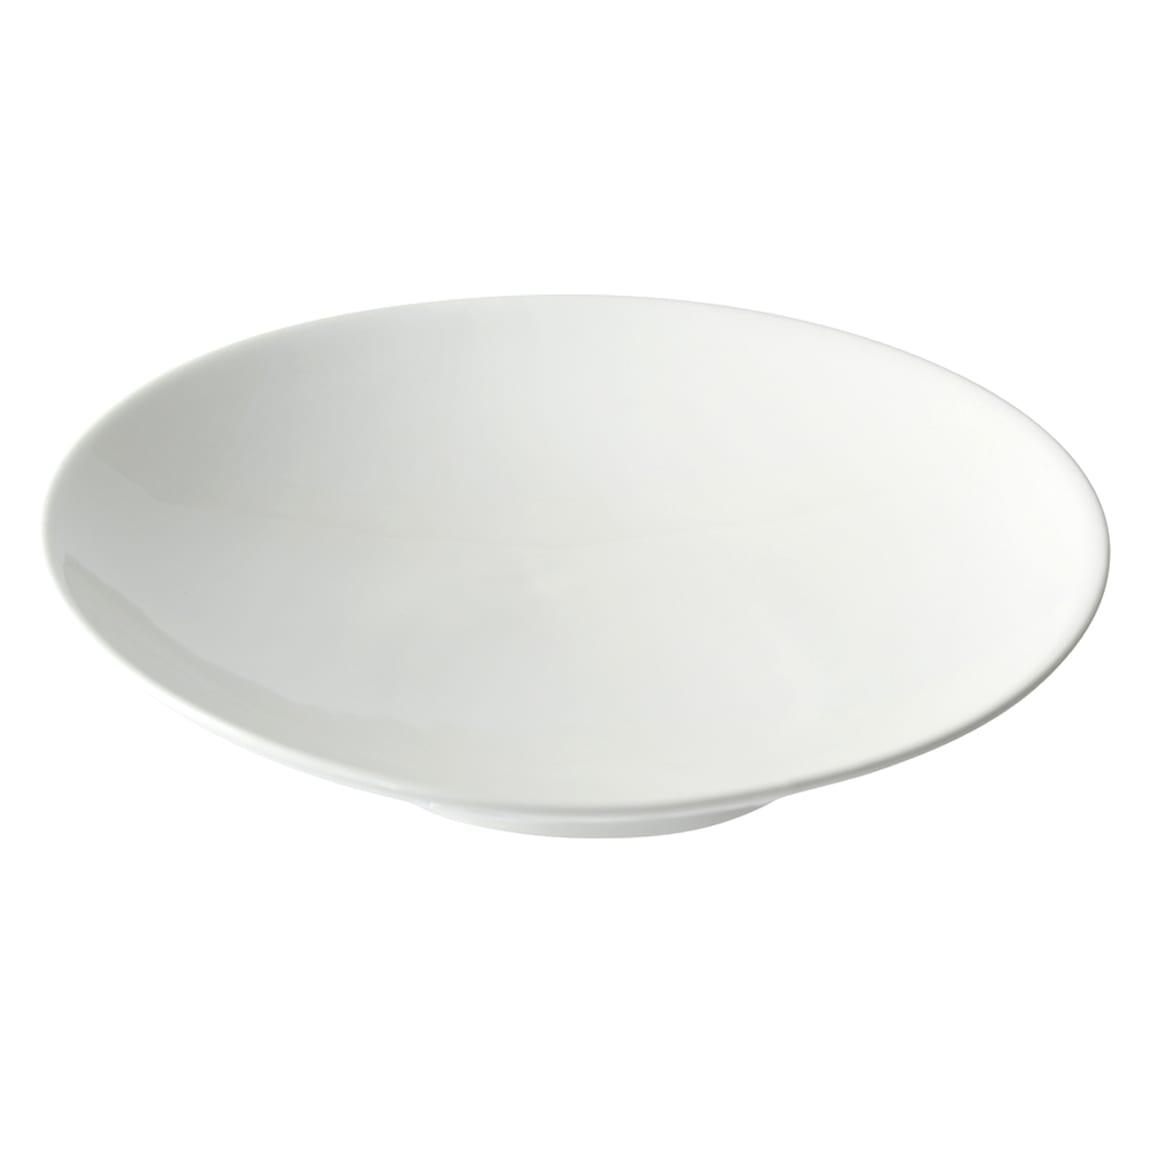 10 Strawberry Street WTR-10CPSLNTBWL 20 oz Slanted Bowl - Porcelain, White